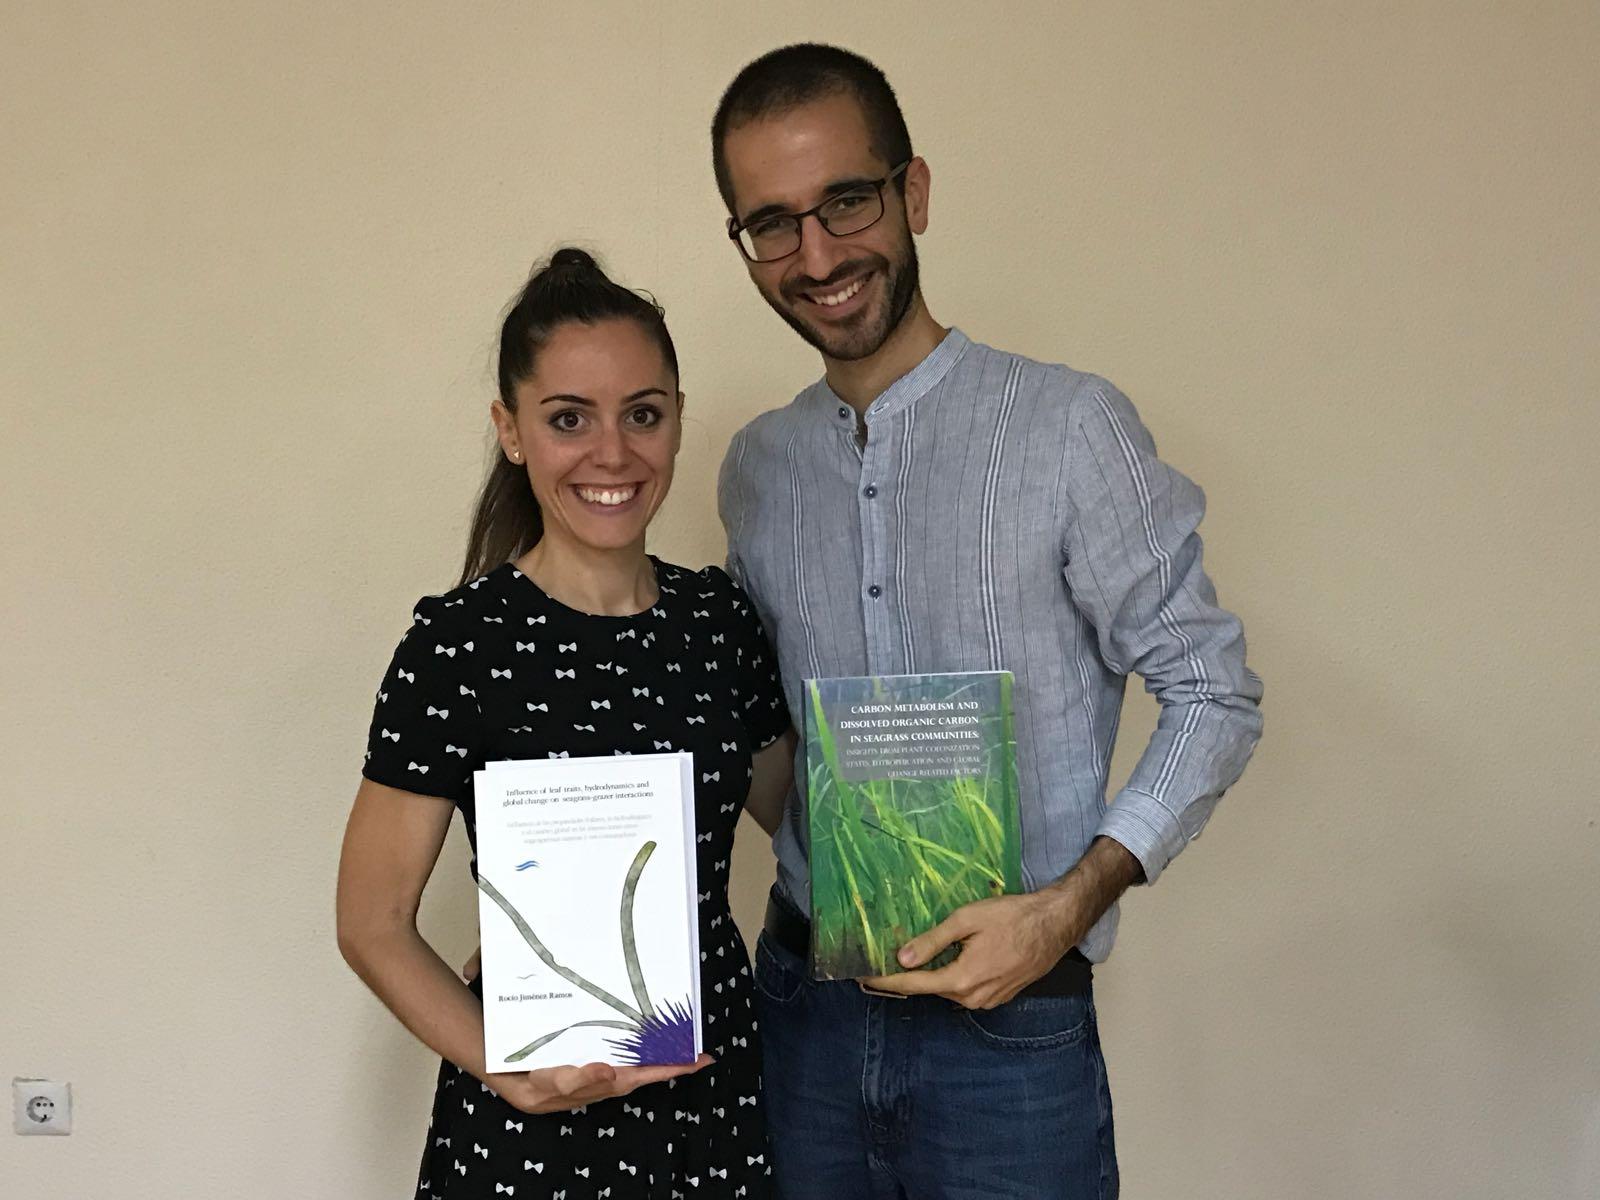 Dra. Jiménez-Ramos and Dr. Egea